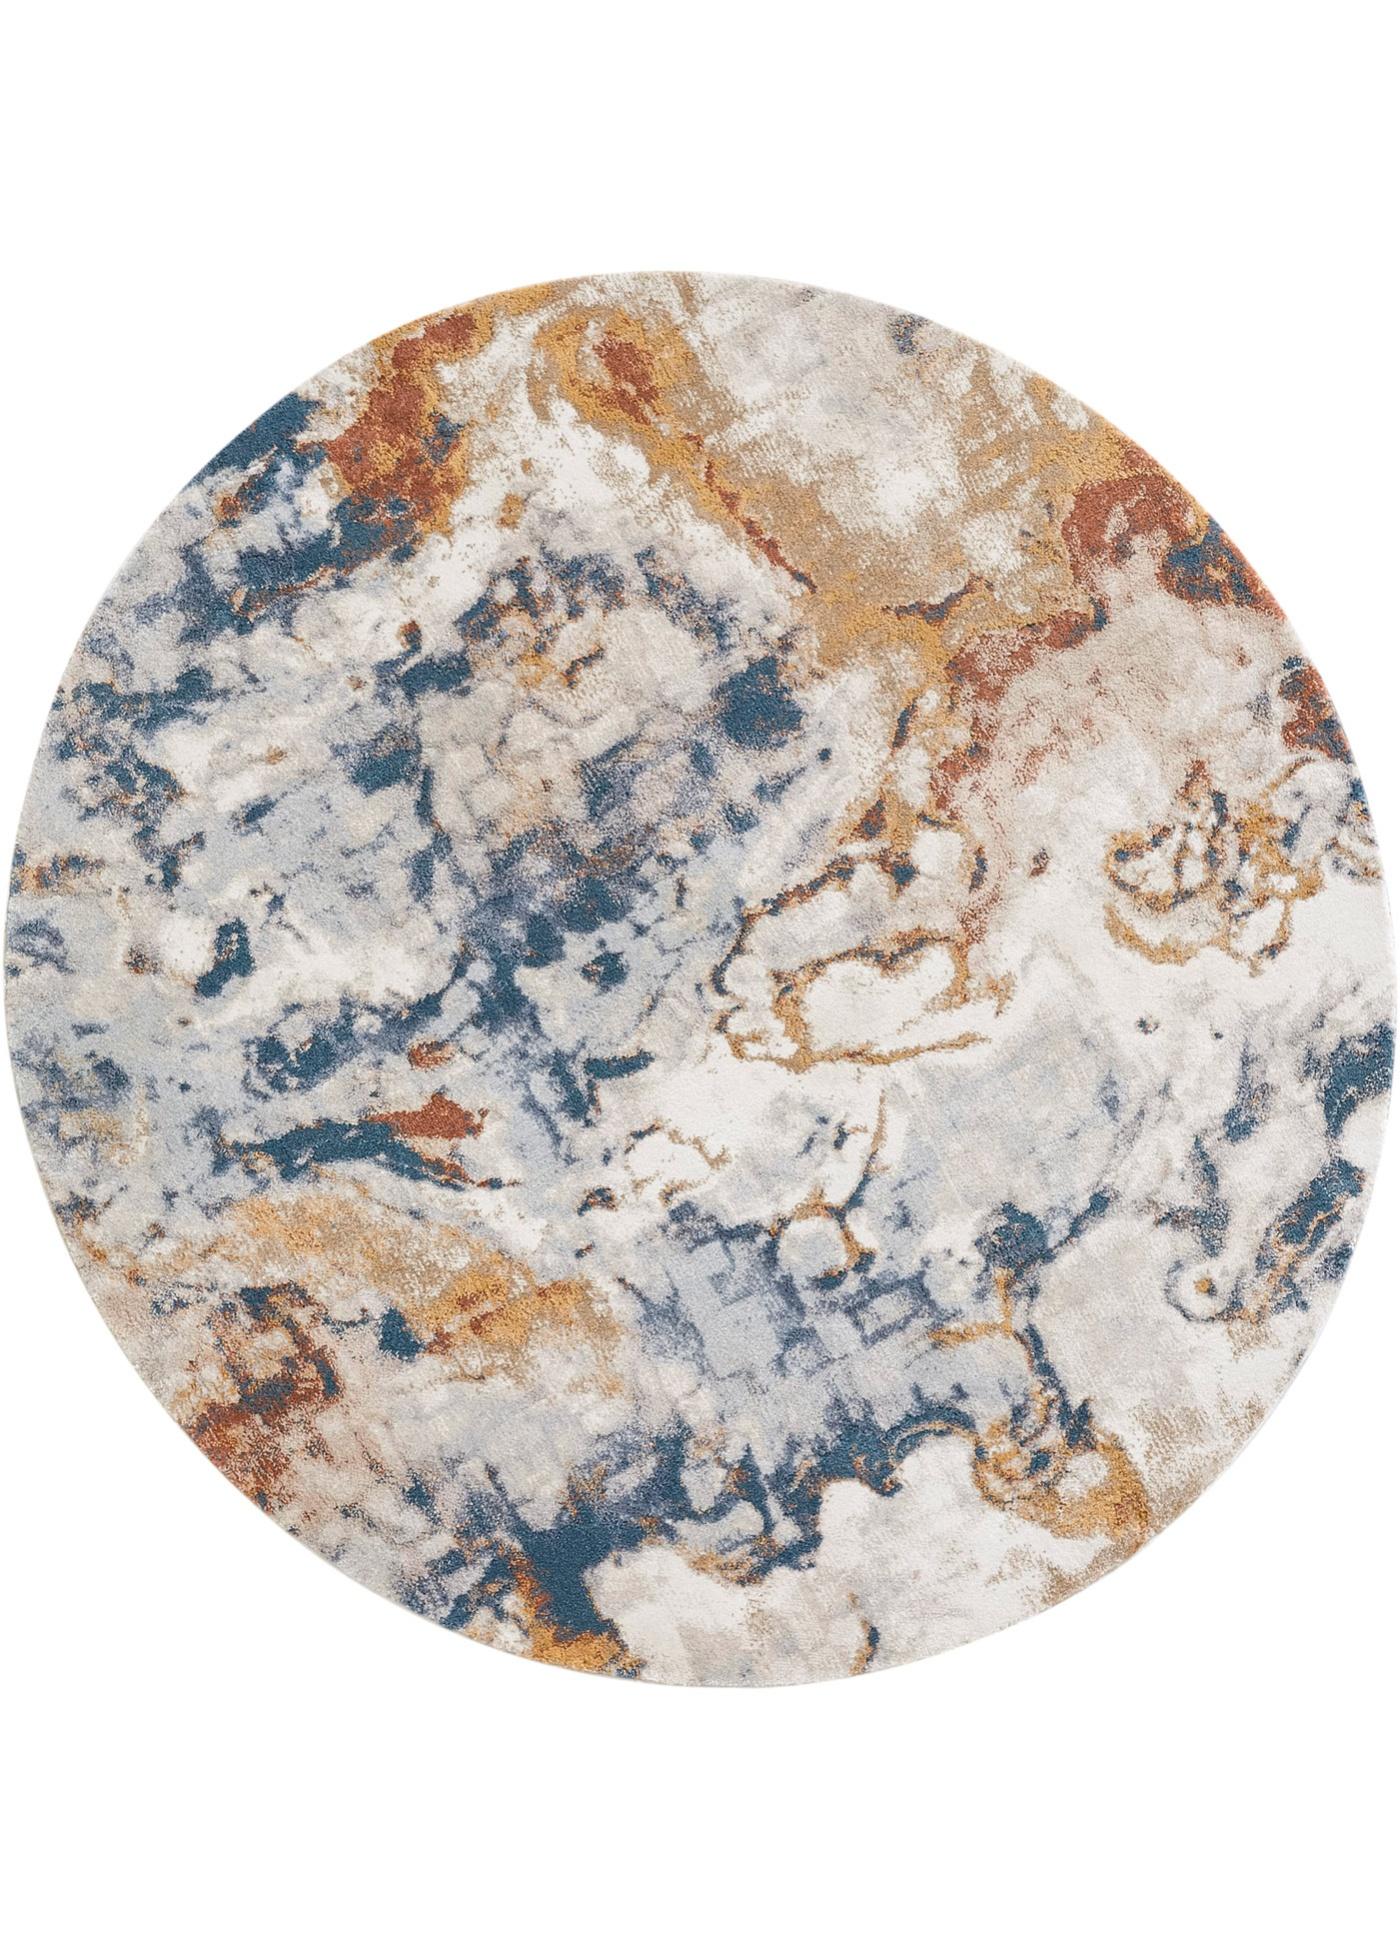 Runder Teppich mit Marmoreffekt